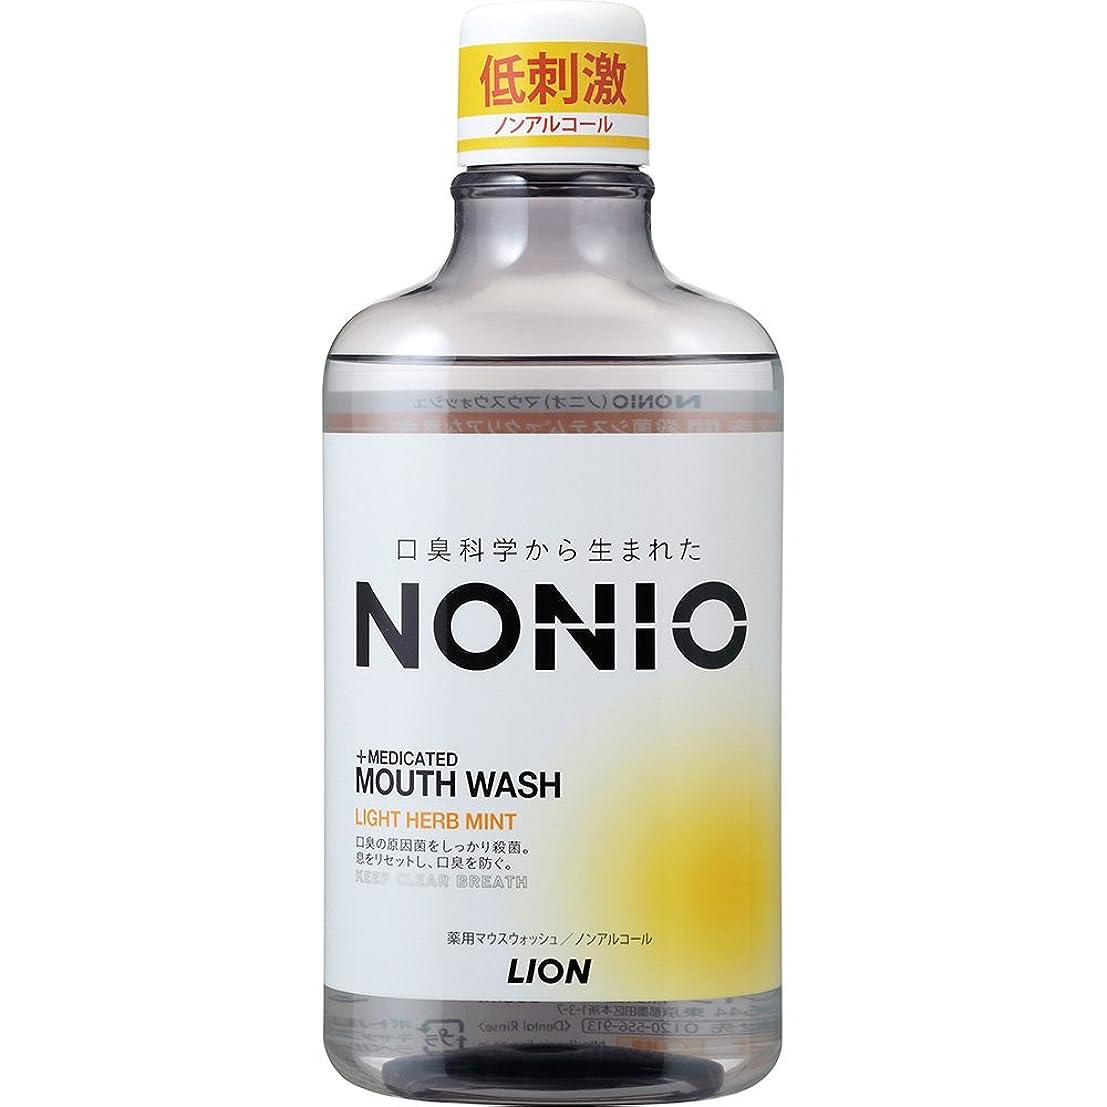 絶滅感嘆符金銭的なNONIO マウスウォッシュ ノンアルコール ライトハーブミント 600ml 洗口液 (医薬部外品)